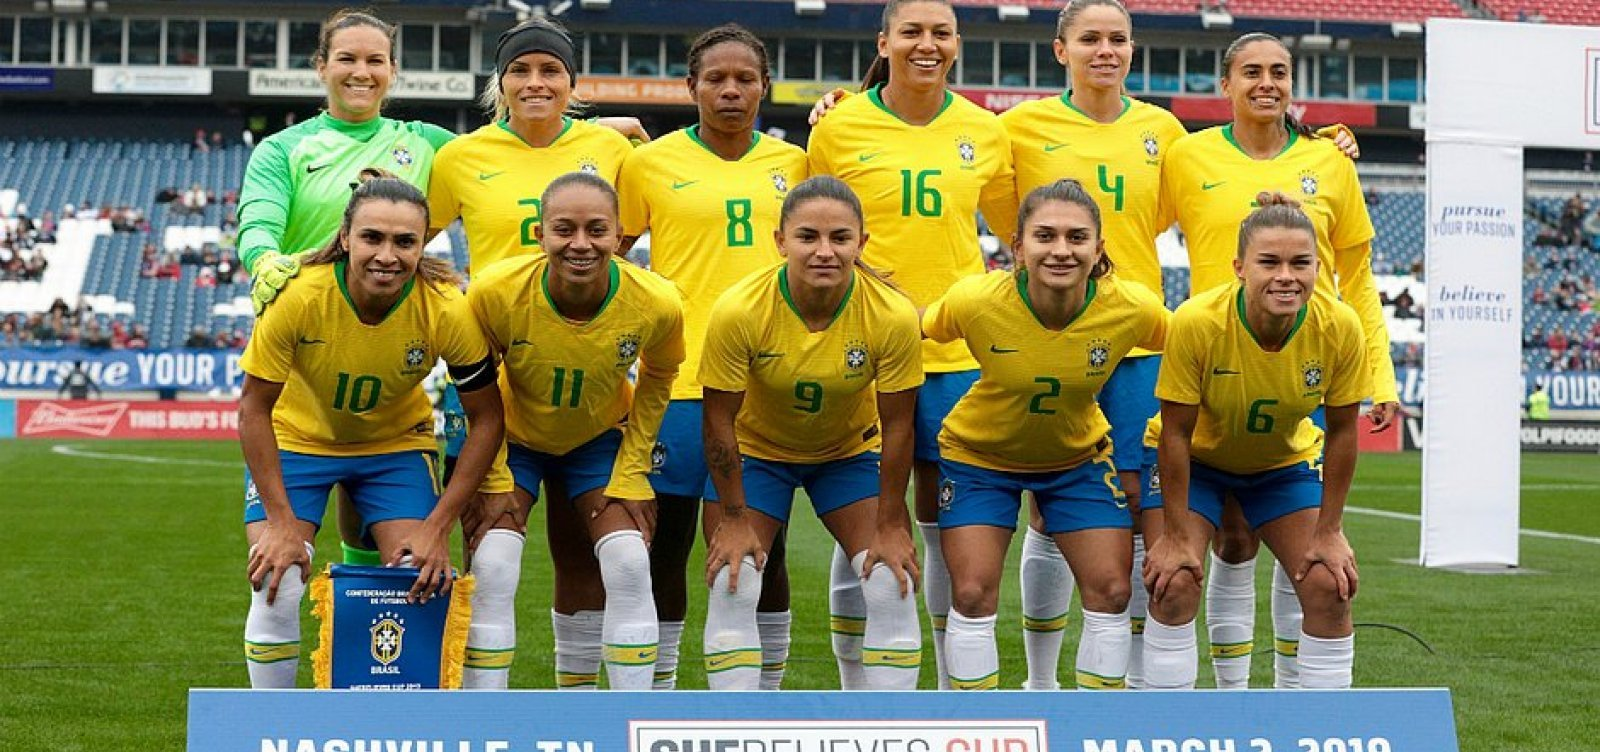 Fifa cria novos prêmios femininos para promover igualdade de gênero